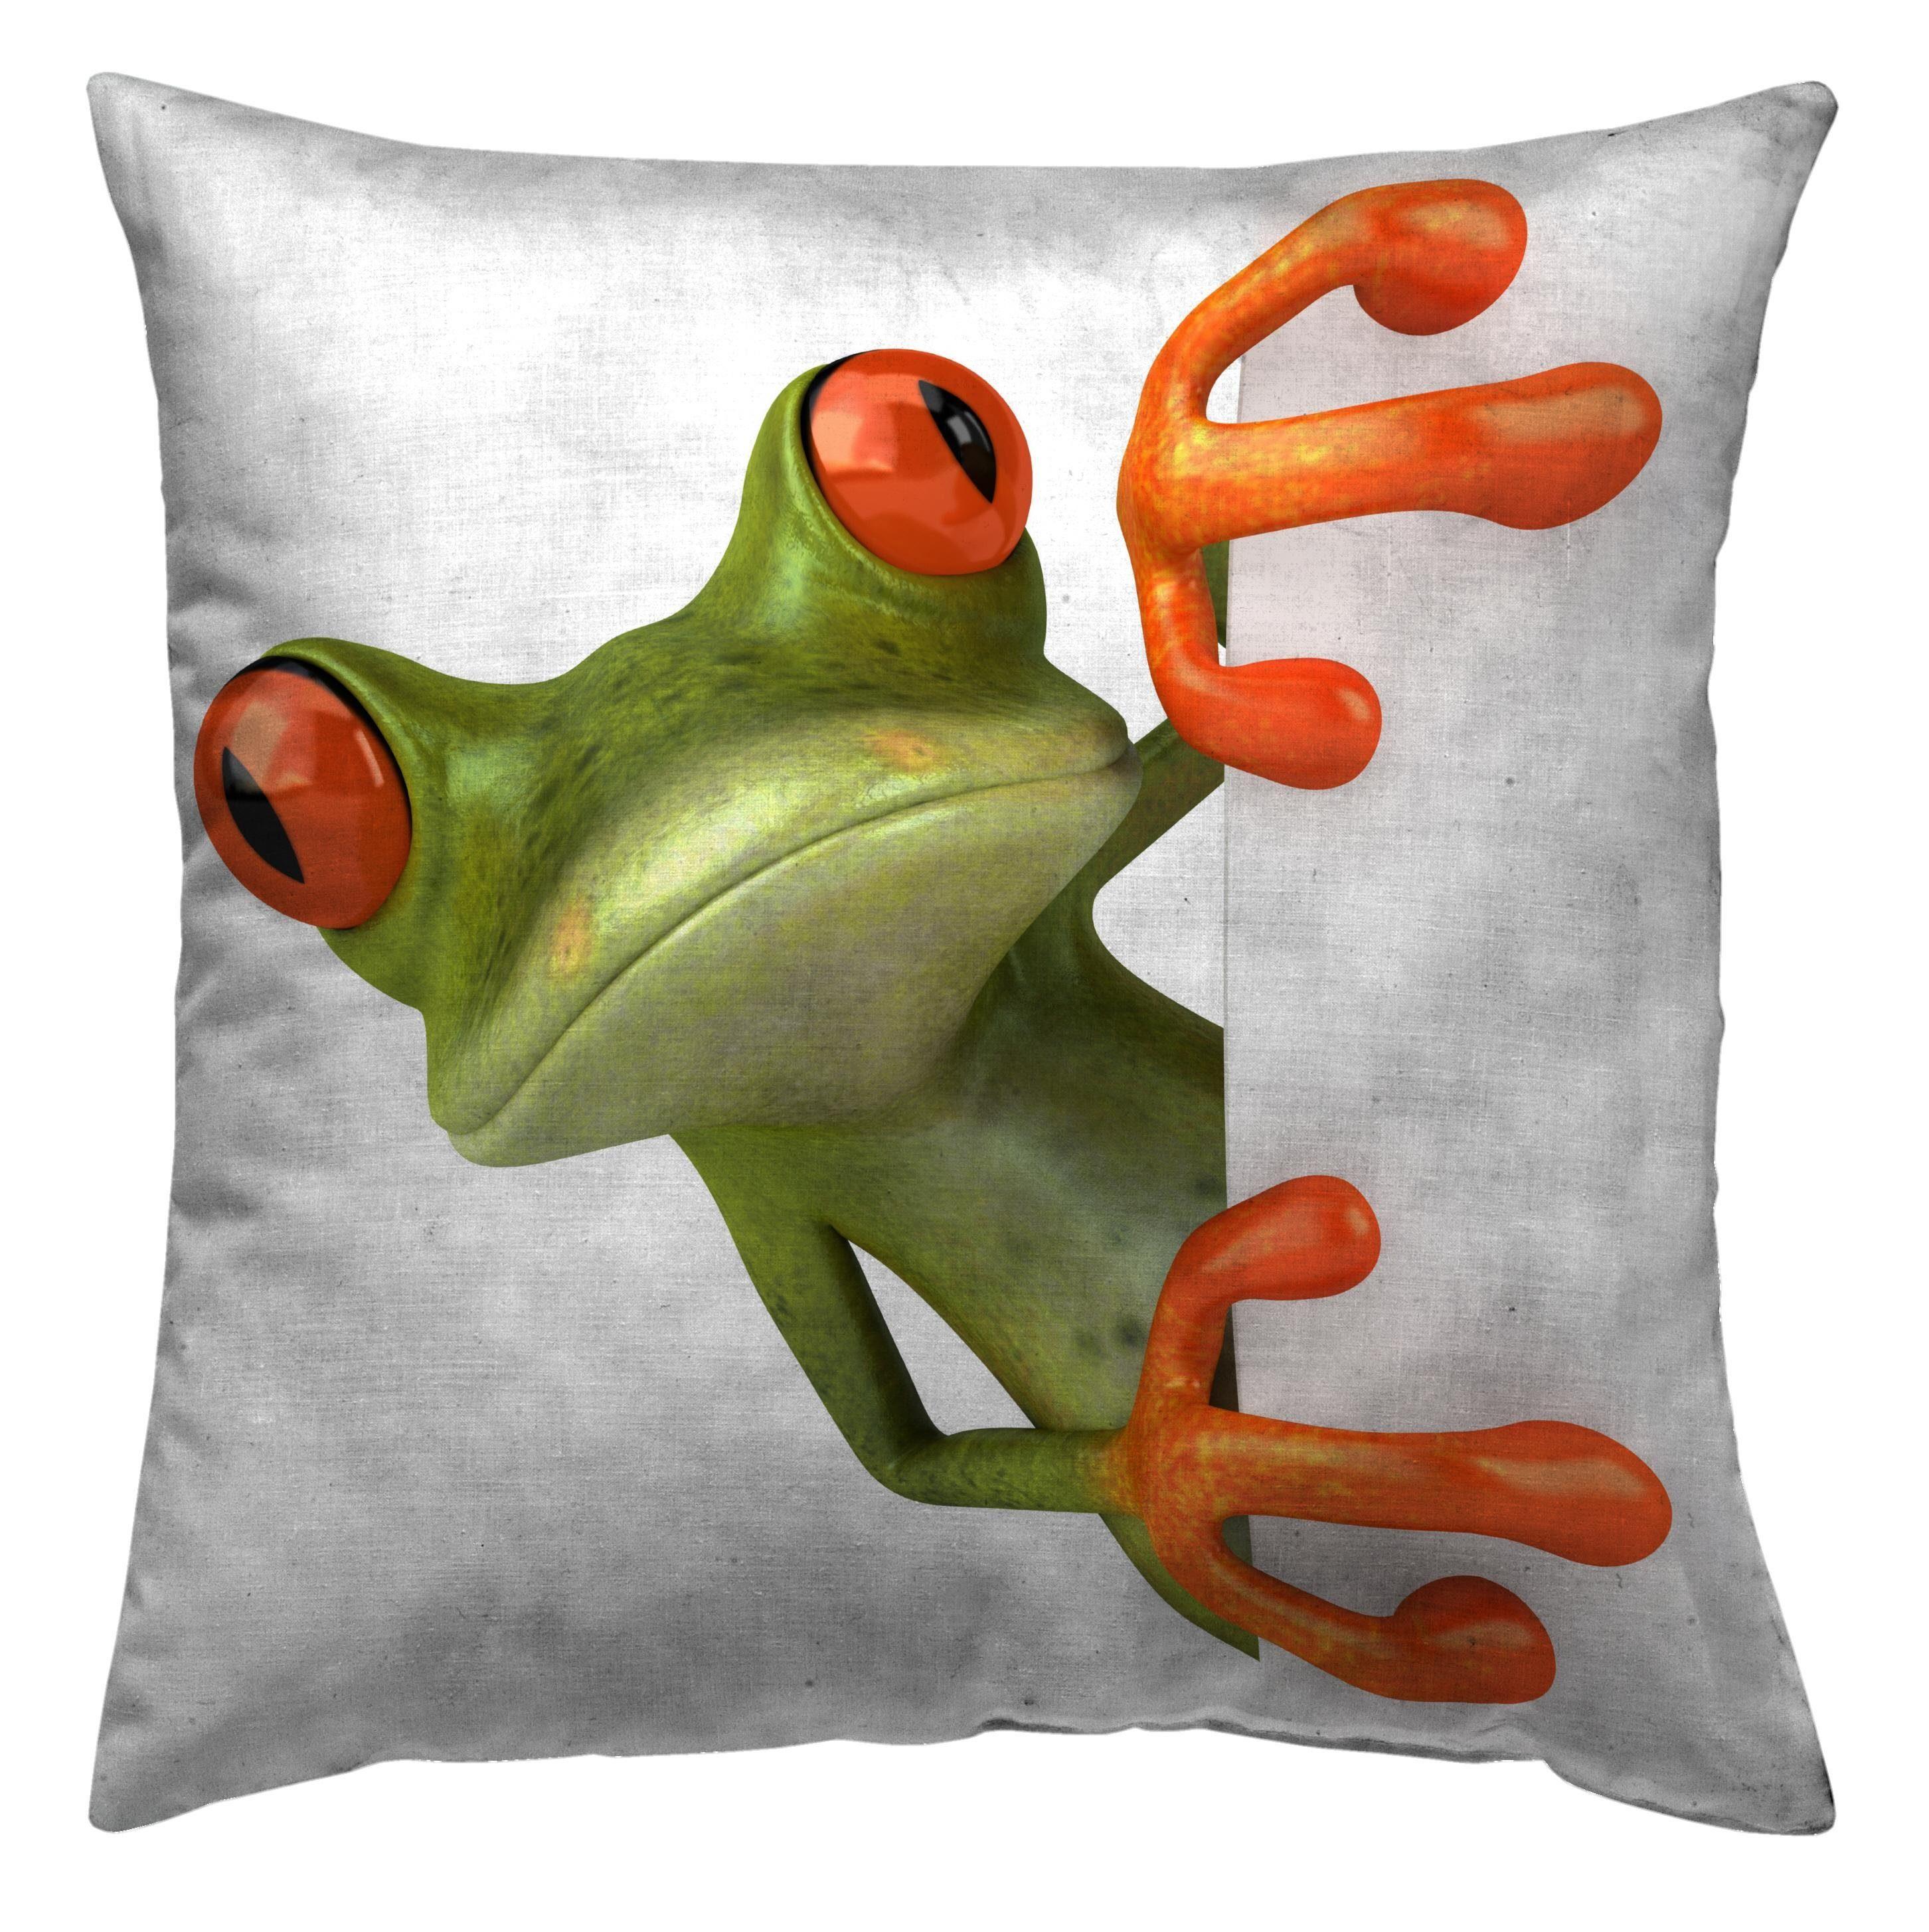 Kissenhülle, Zebra Textil, »Froggy«, mit süßem Frosch